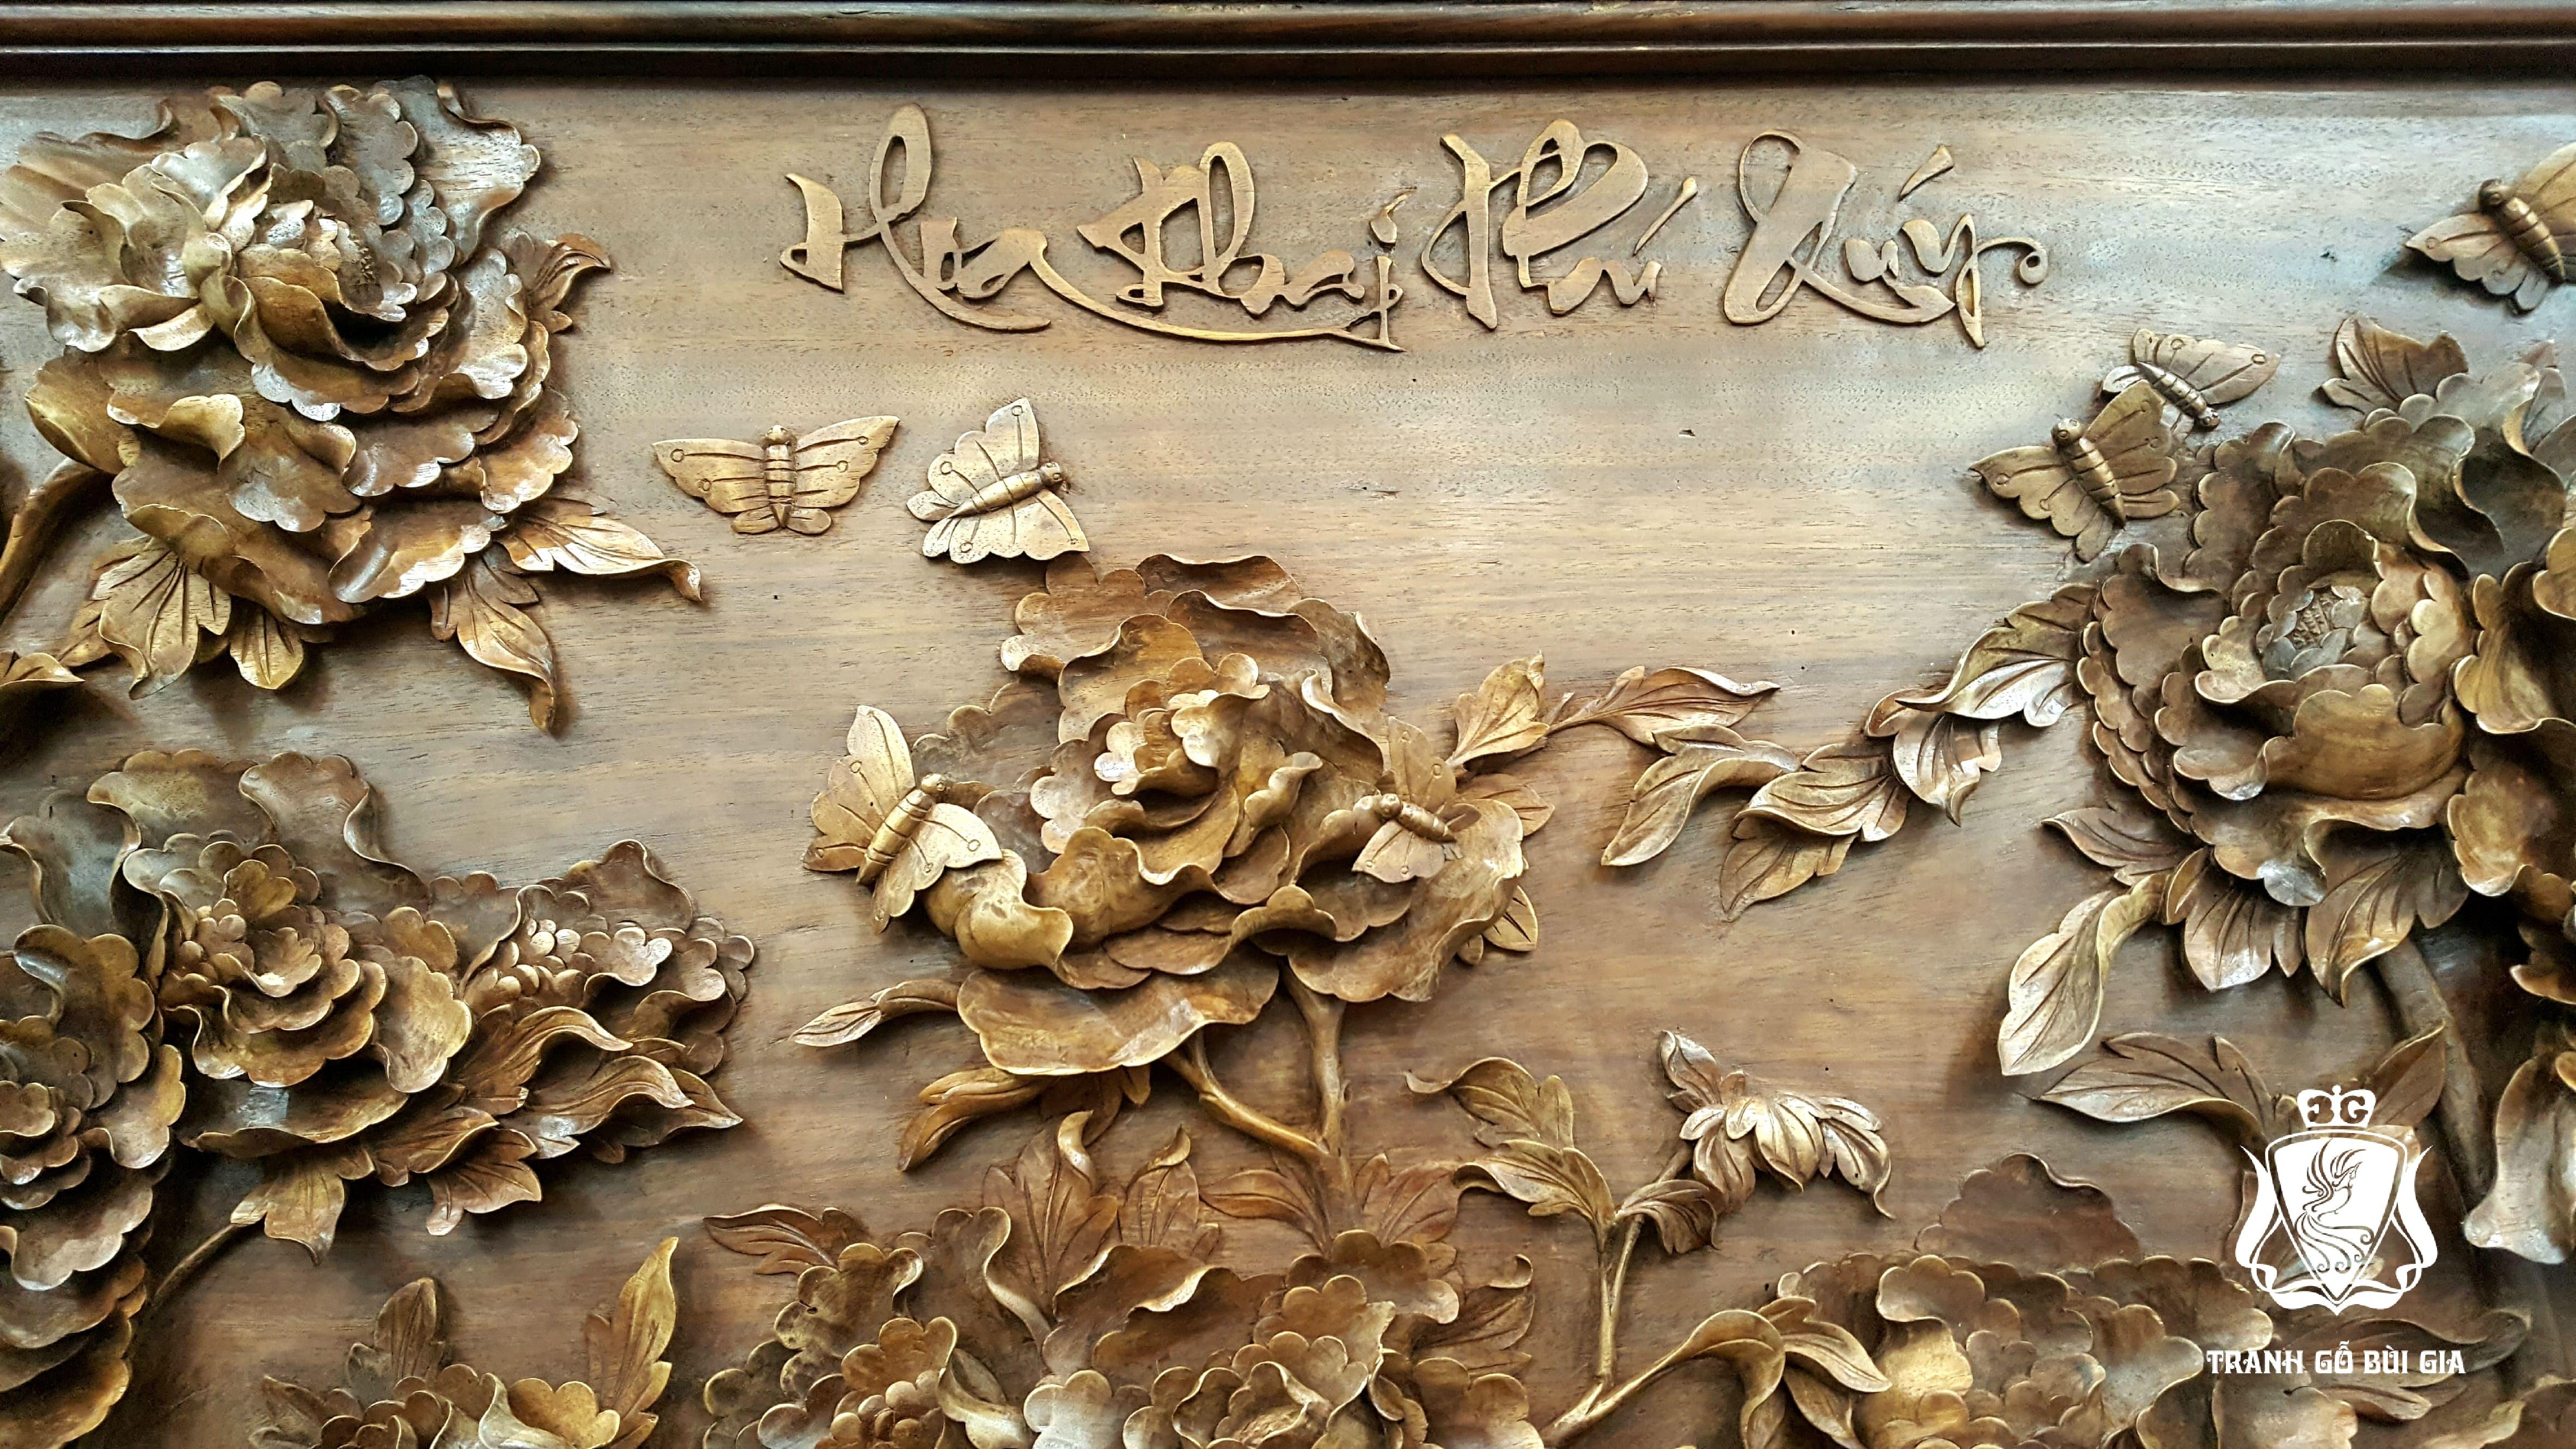 Tranh Hoa Mẫu Đơn. Tuyệt kỹ đục cánh hoa tơi nét